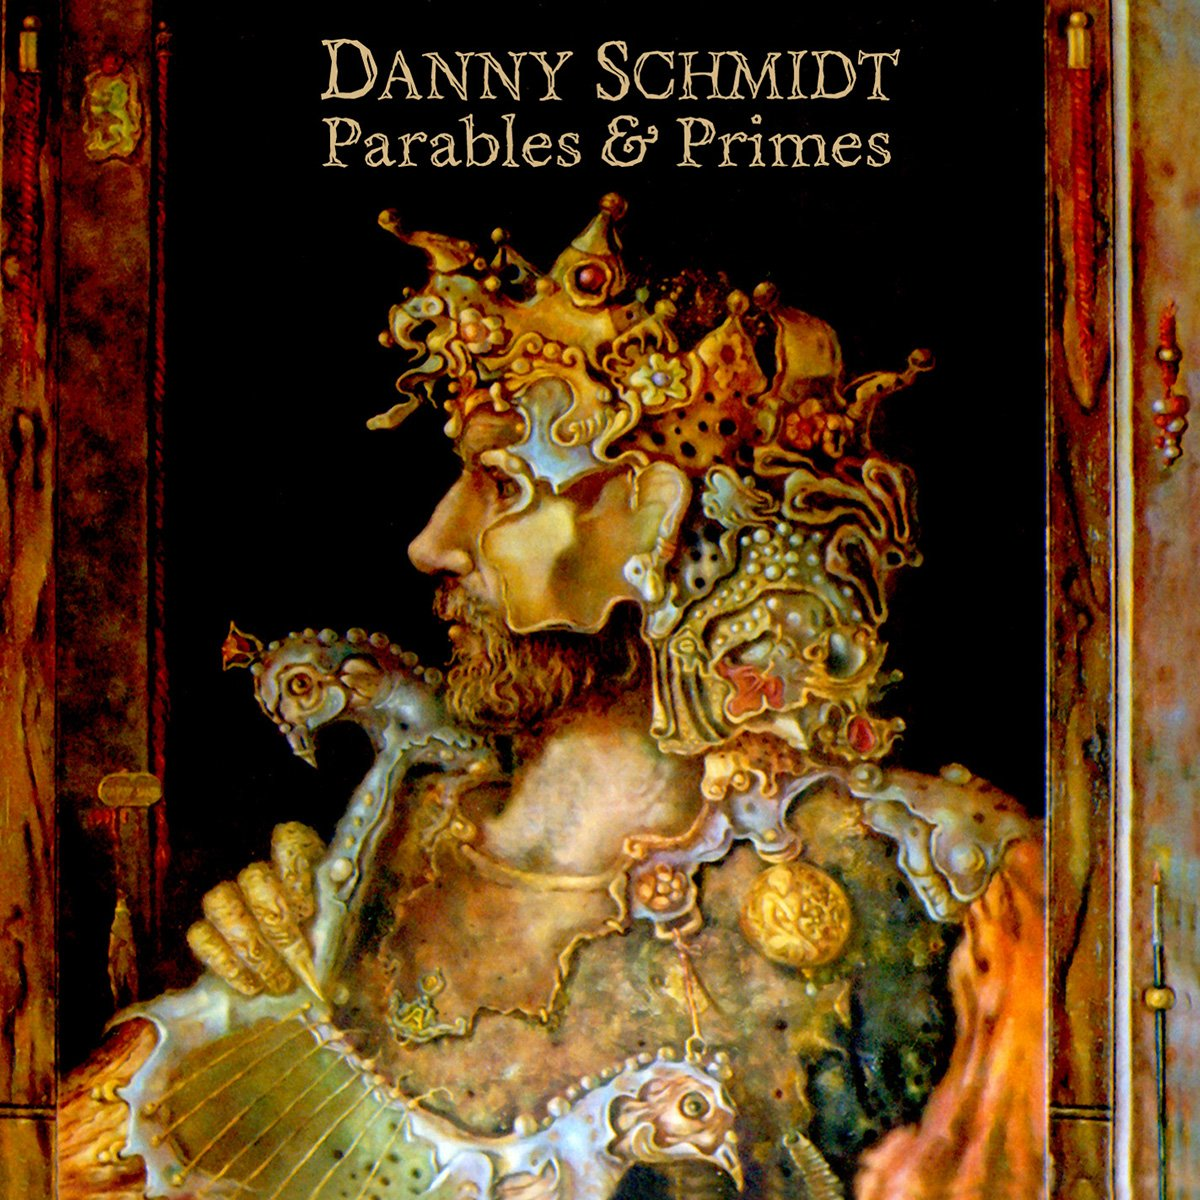 Danny Schmidt - Parables & Primes Album Art